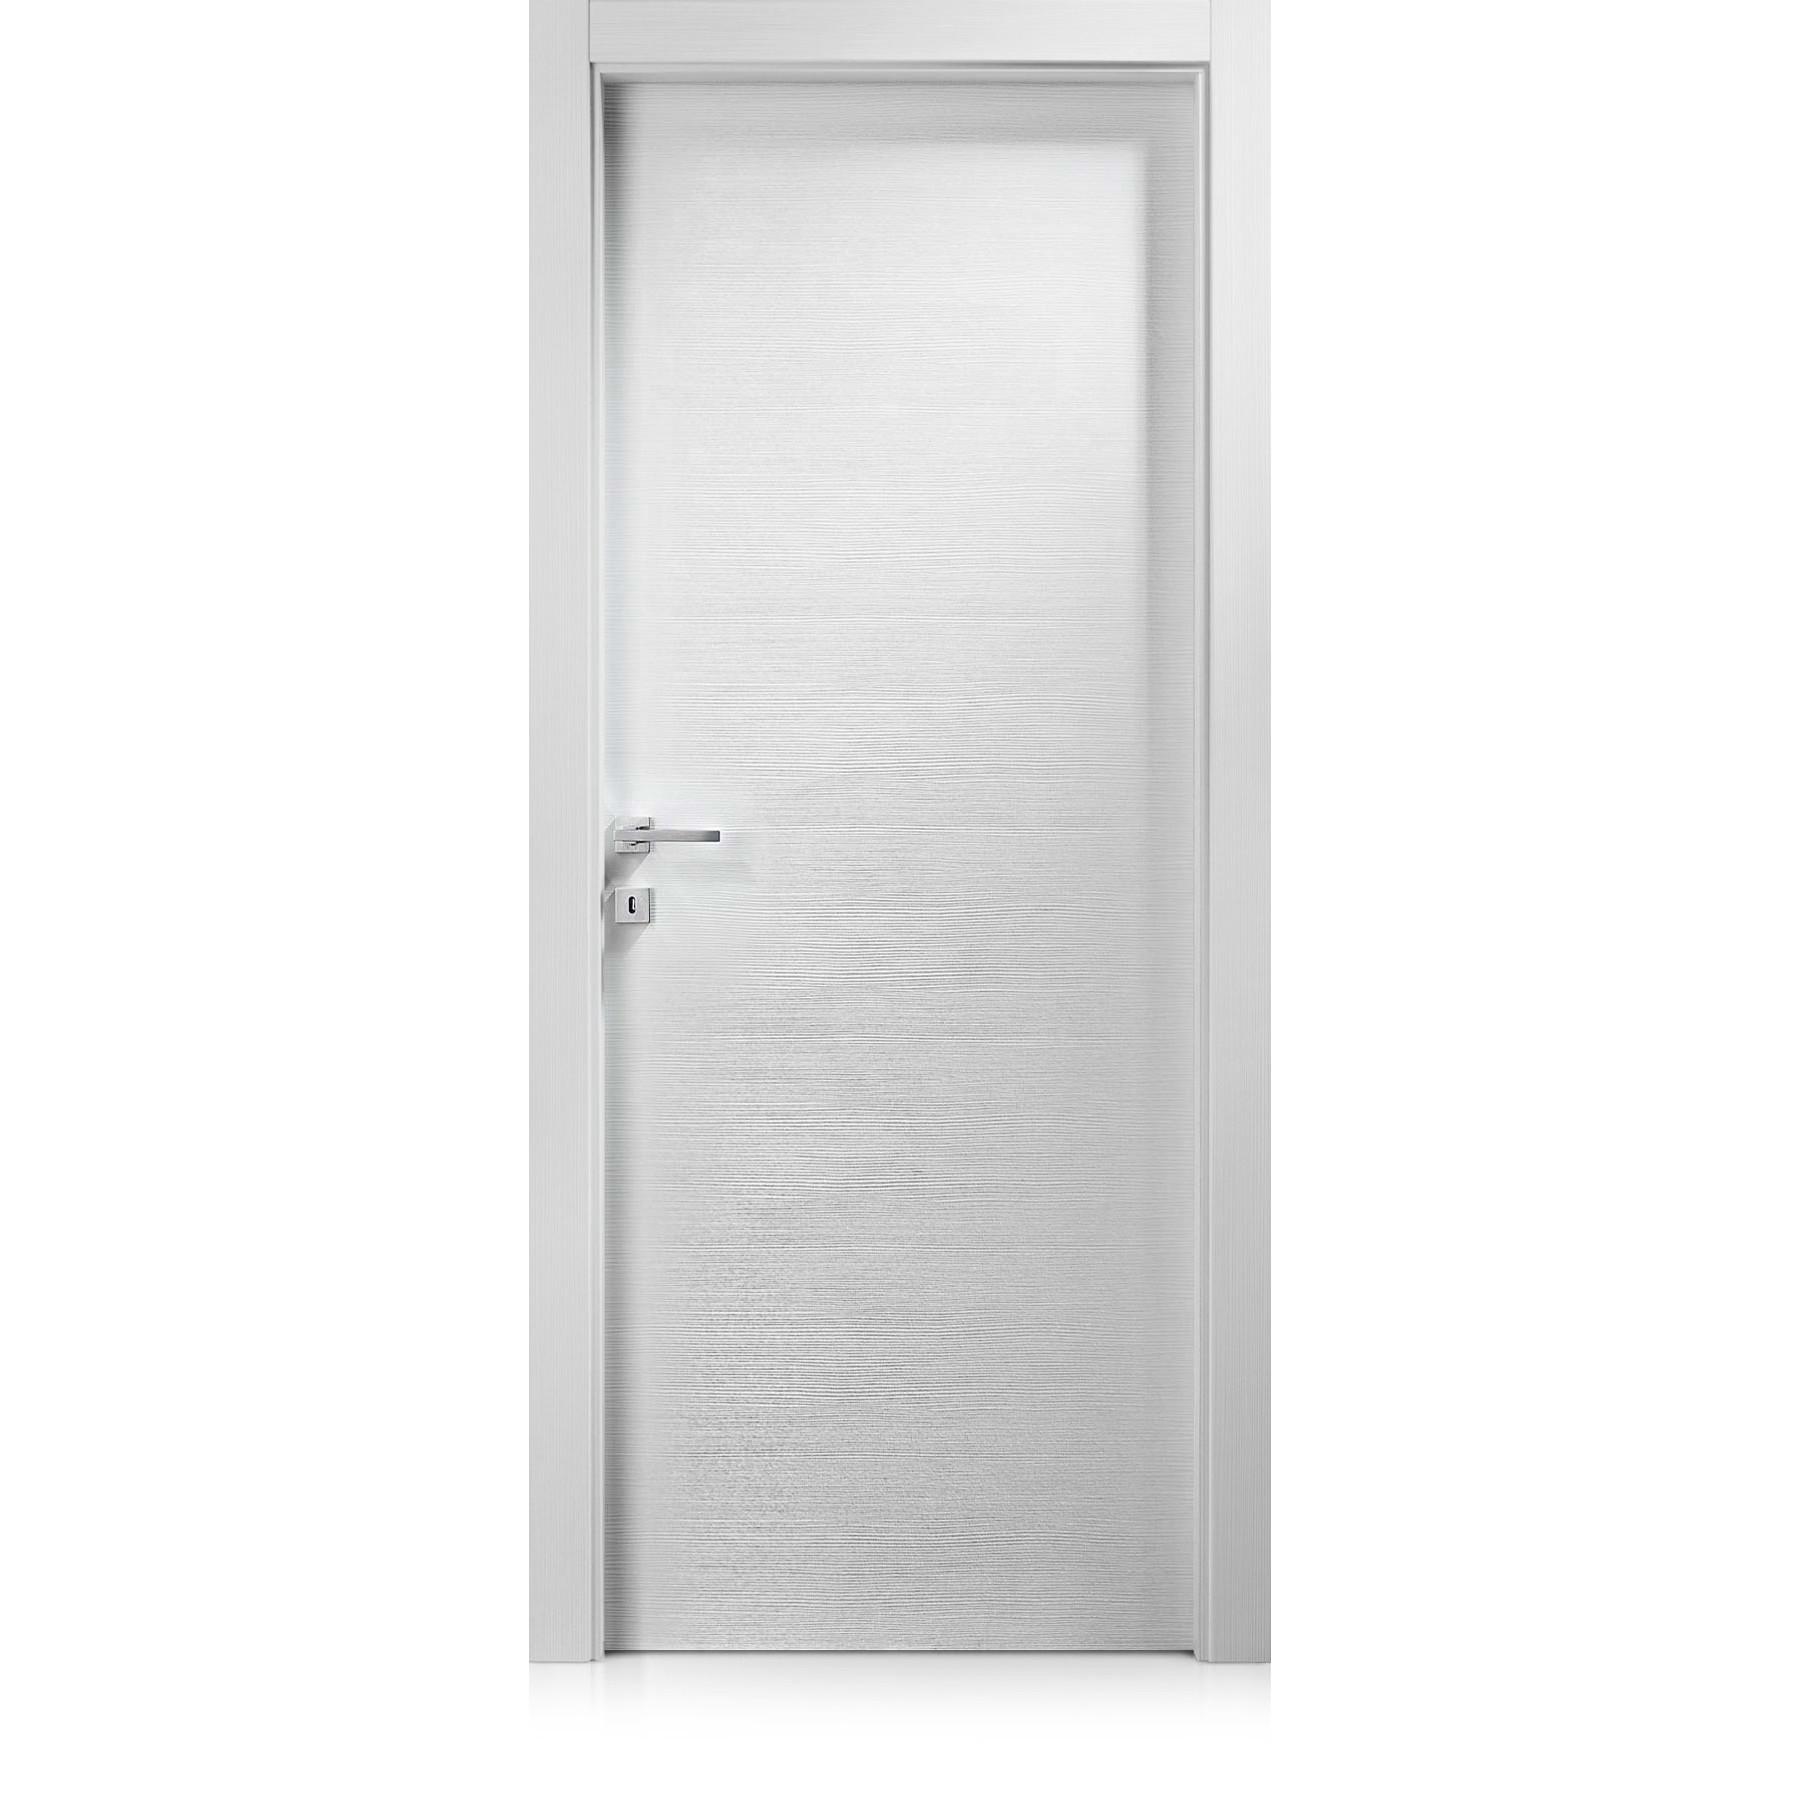 Logica grafis bianco door